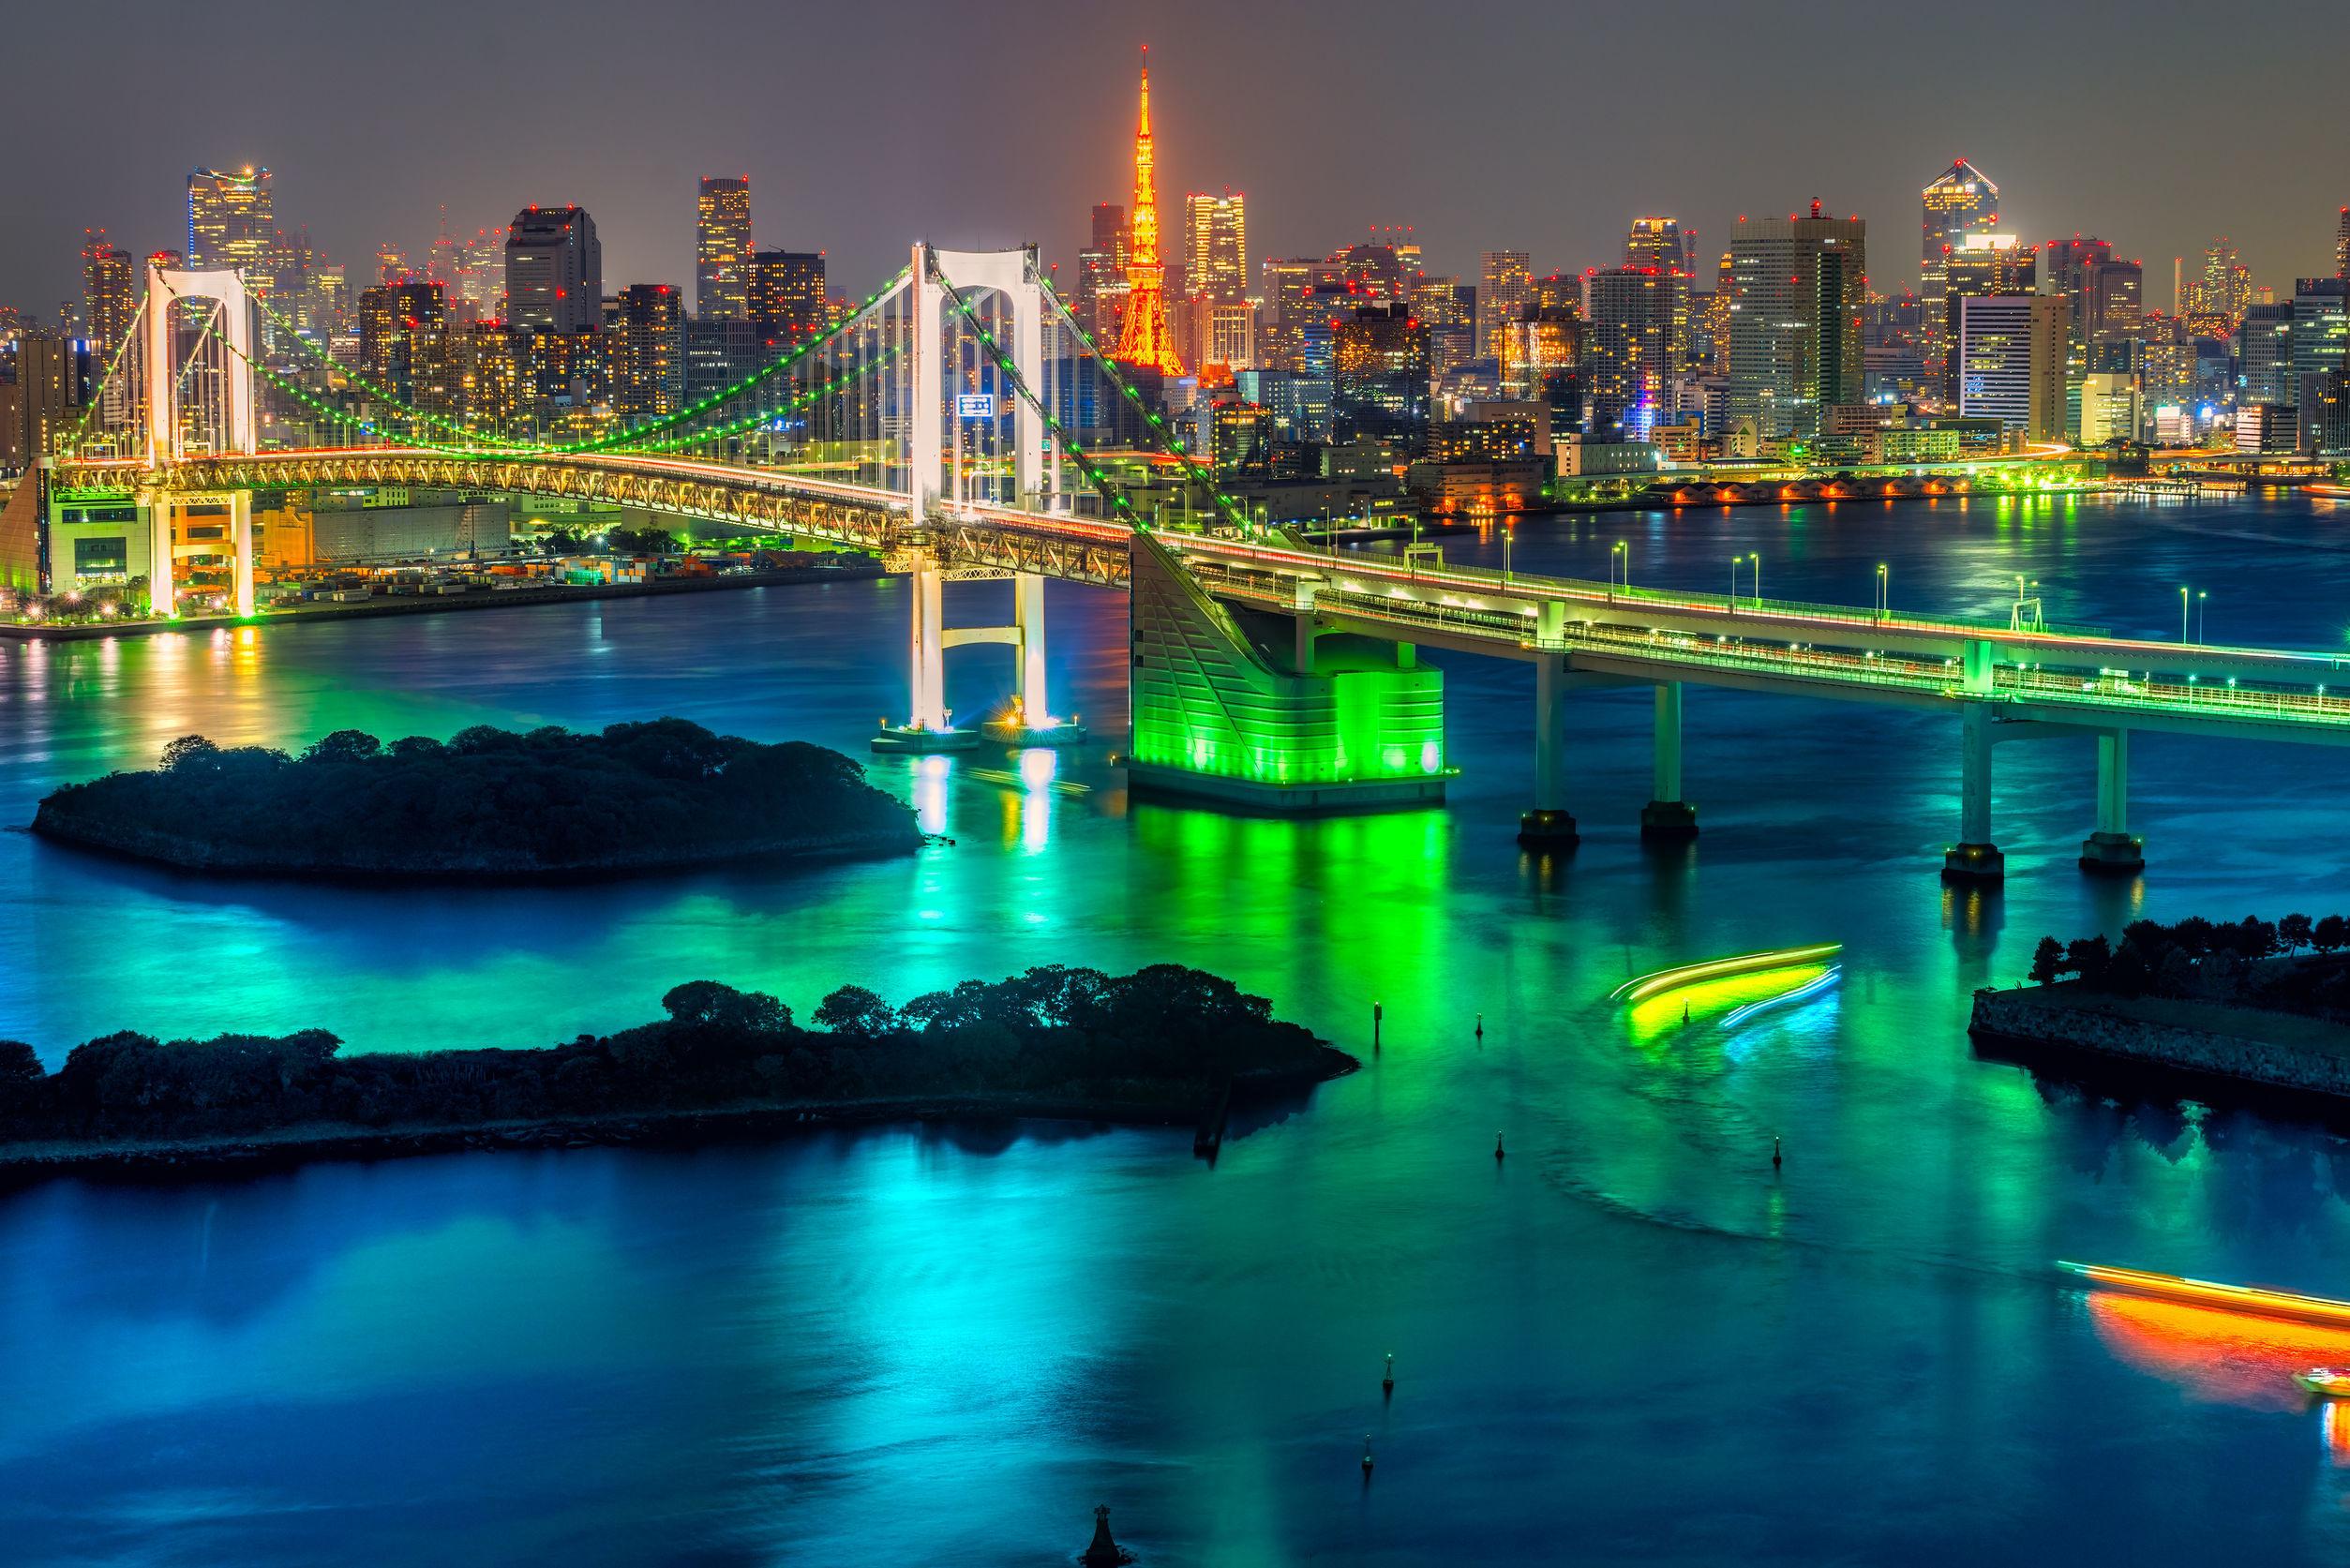 Uniunea Europeană şi Japonia au încheiat un acord de parteneriat economic